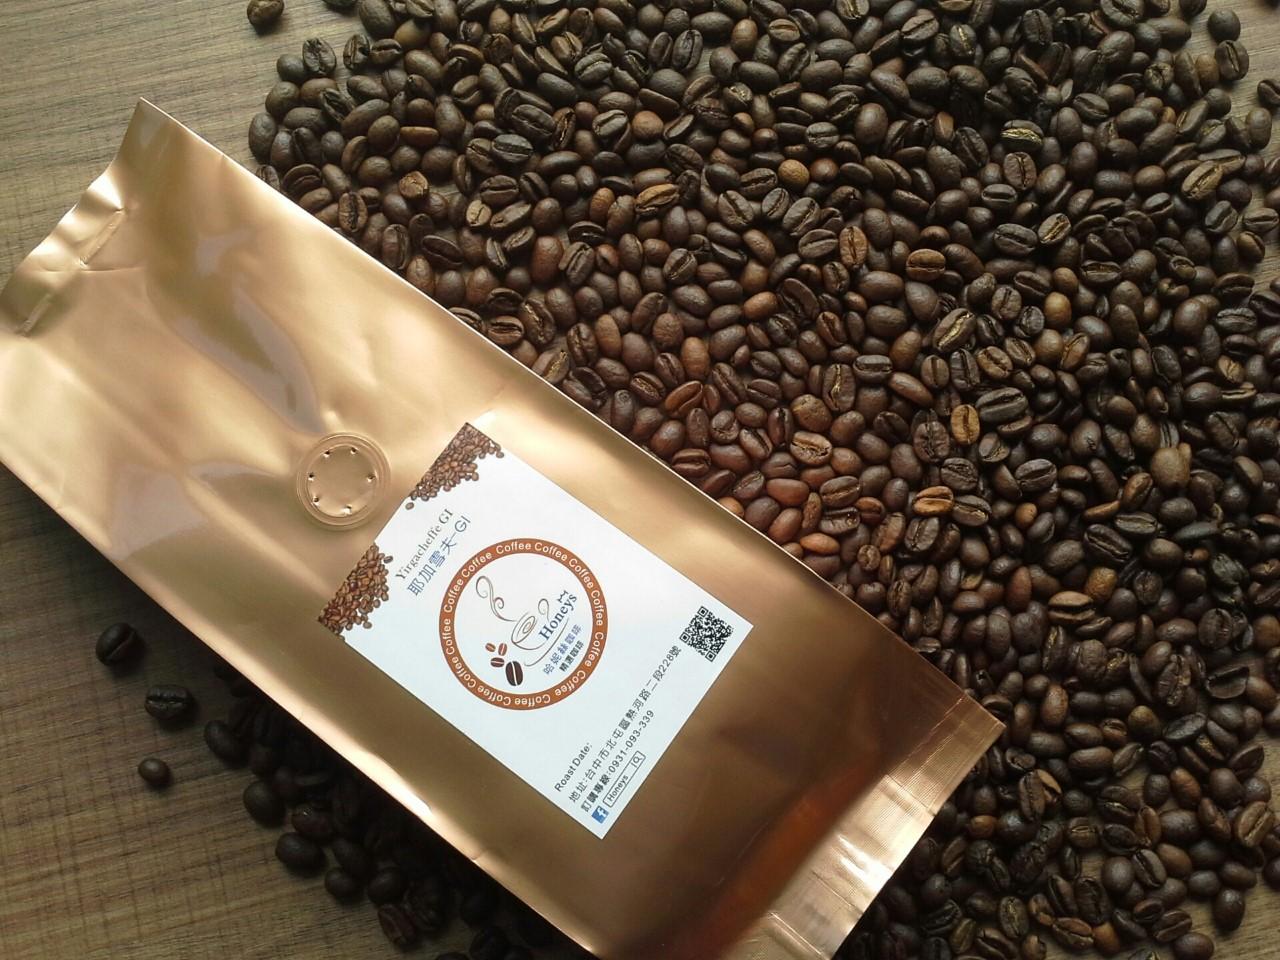 【Honeys 】耶加雪夫G1(水洗)咖啡豆 (半磅)